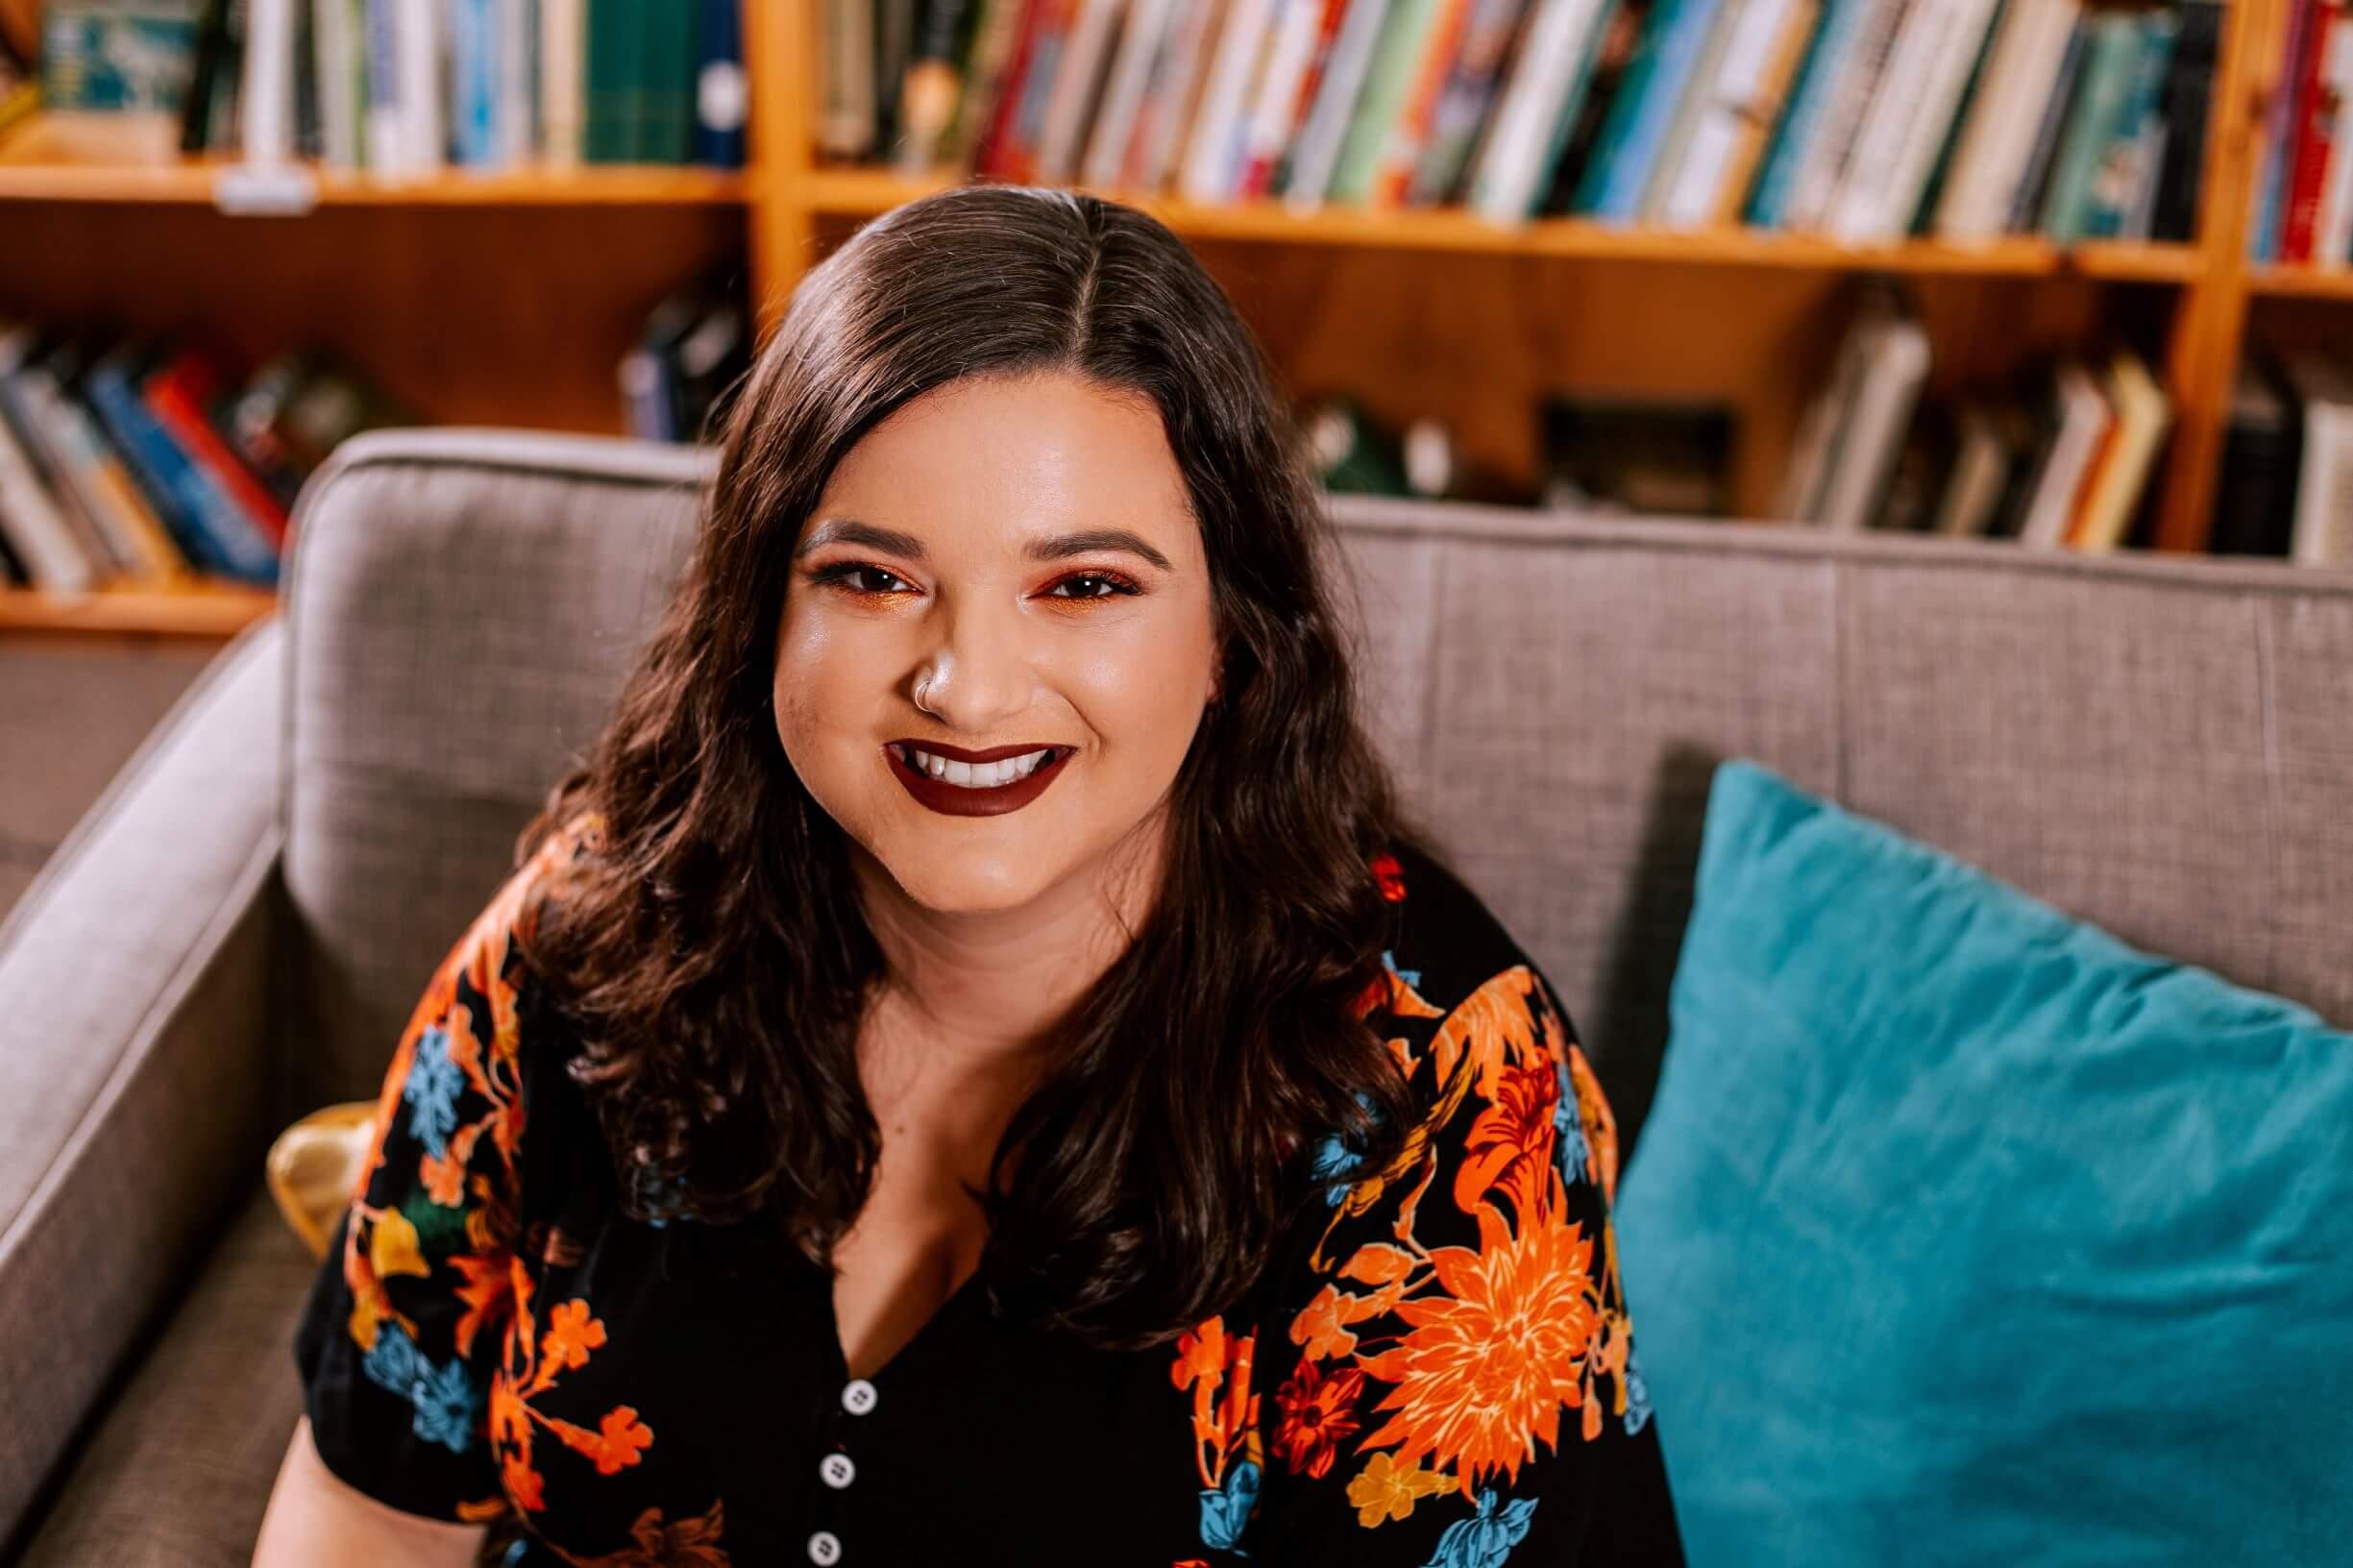 Hannah Dellabella